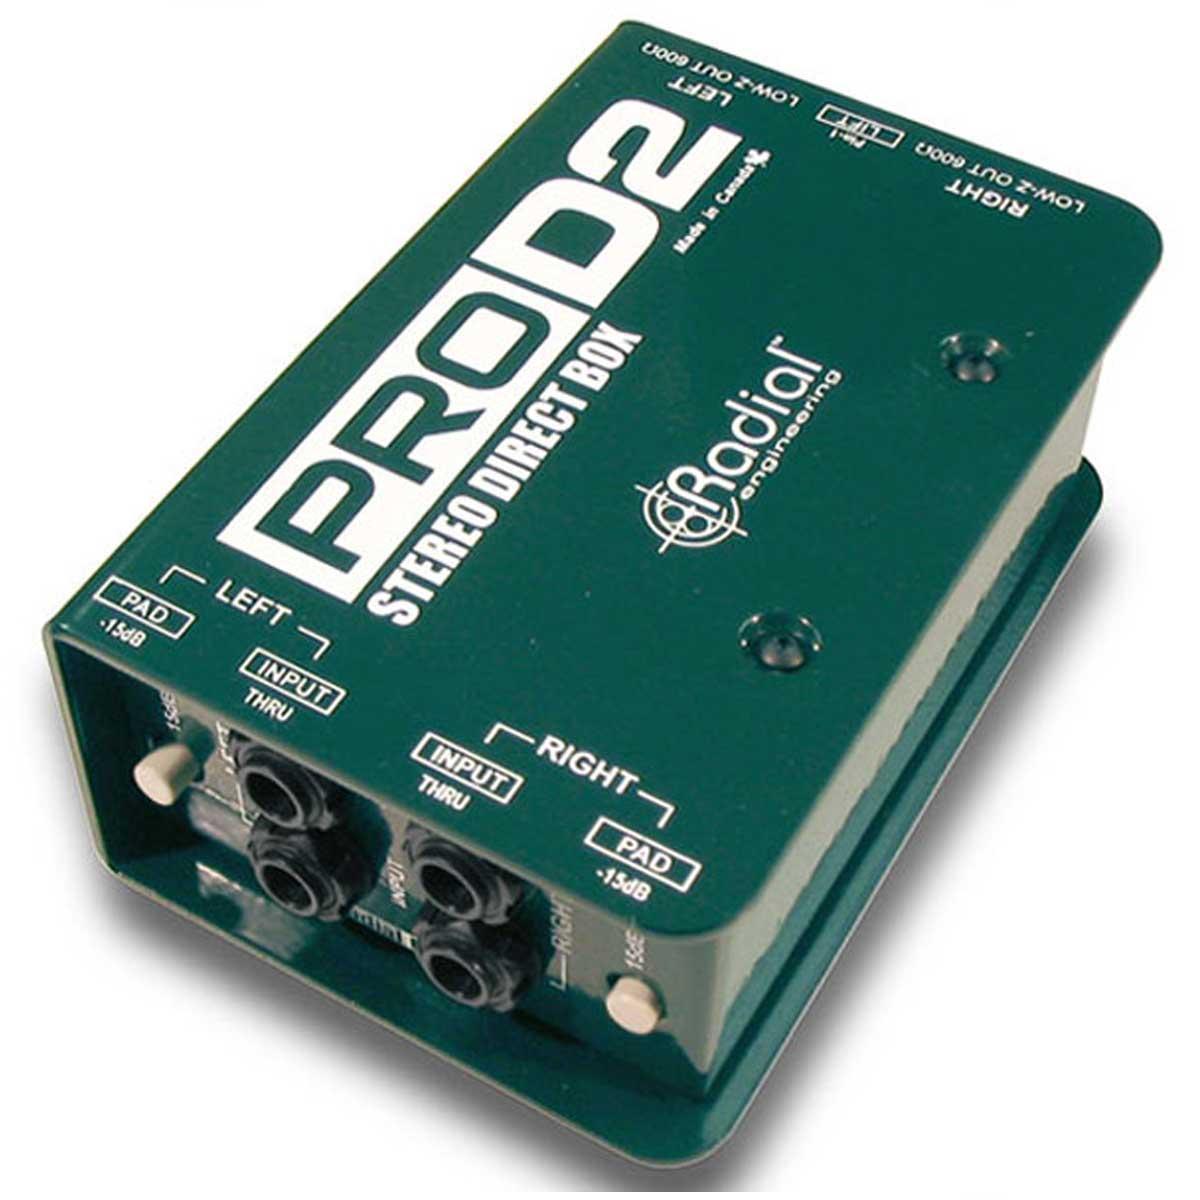 Radial ラディアル(ラジアル) / PRO D2 ステレオ・ダイレクトボックス【お取り寄せ商品】